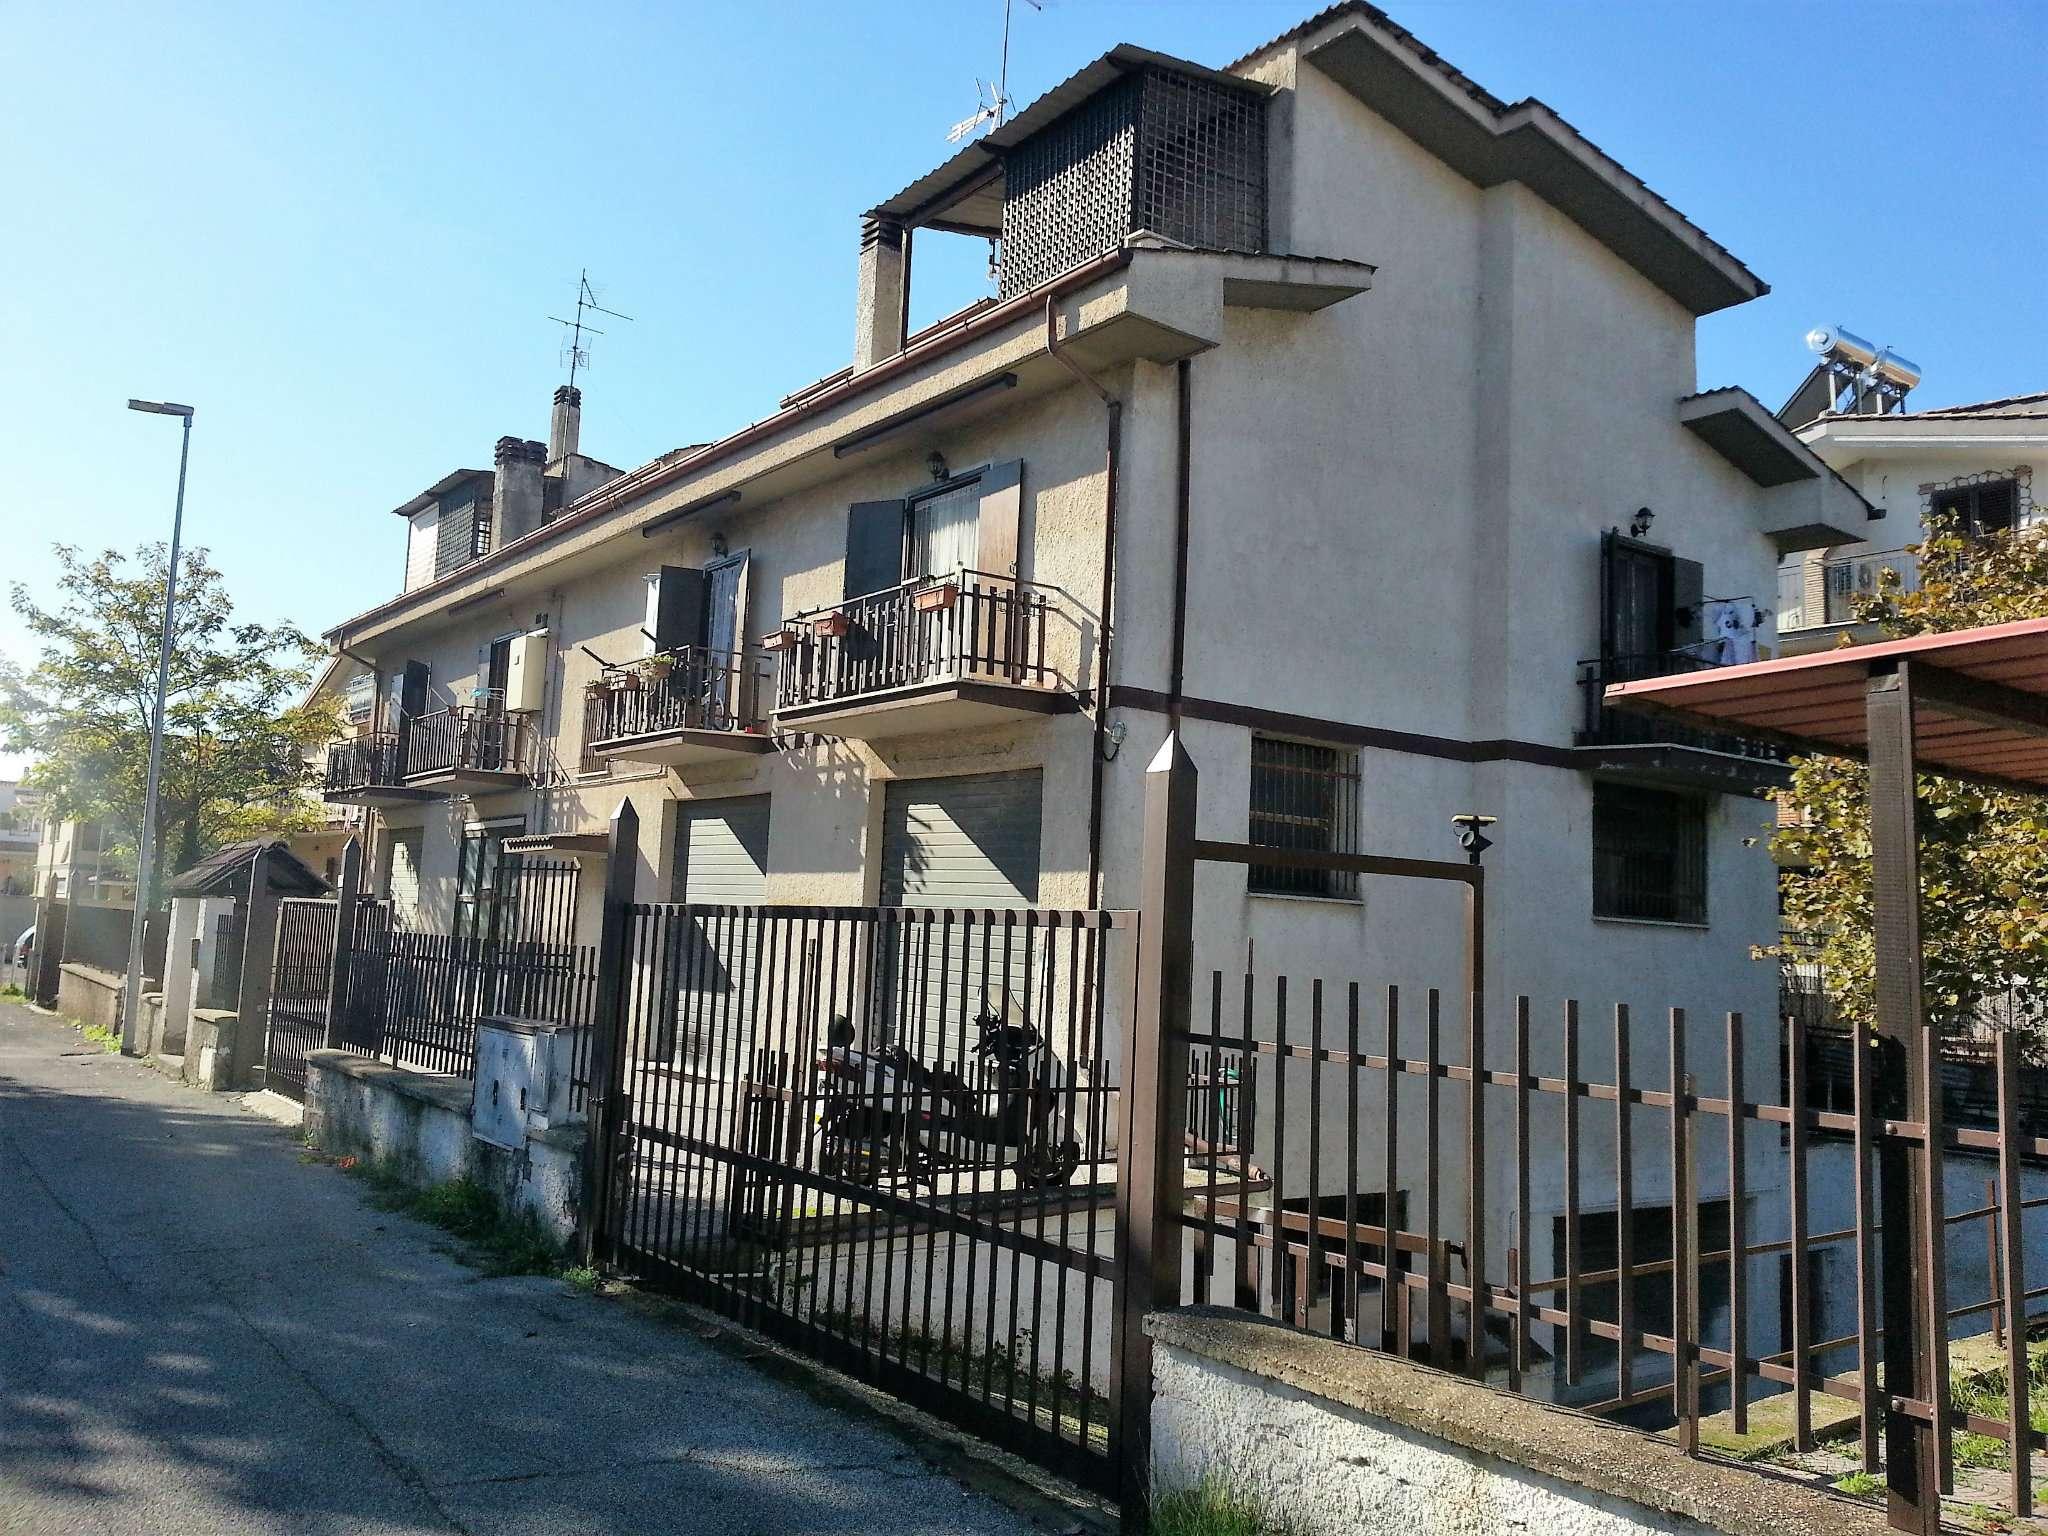 Negozio / Locale in vendita a Guidonia Montecelio, 9999 locali, prezzo € 45.000 | CambioCasa.it